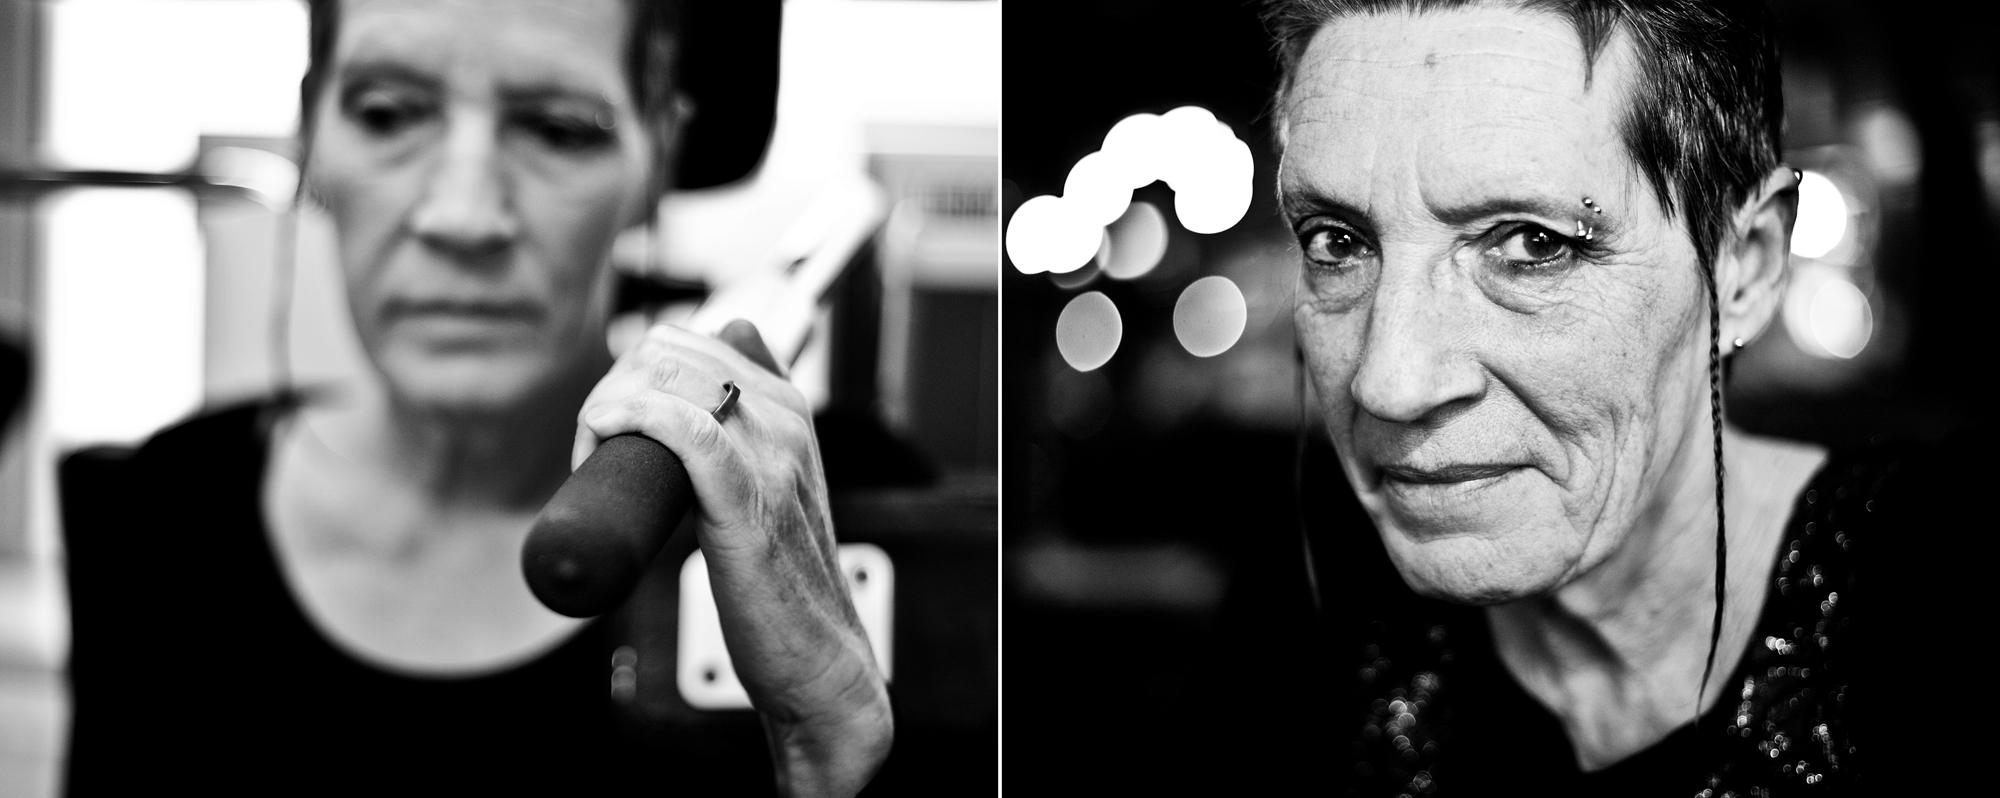 Tweeluik portret revalidatie zwart-wit kwetsbaar Eindhoven